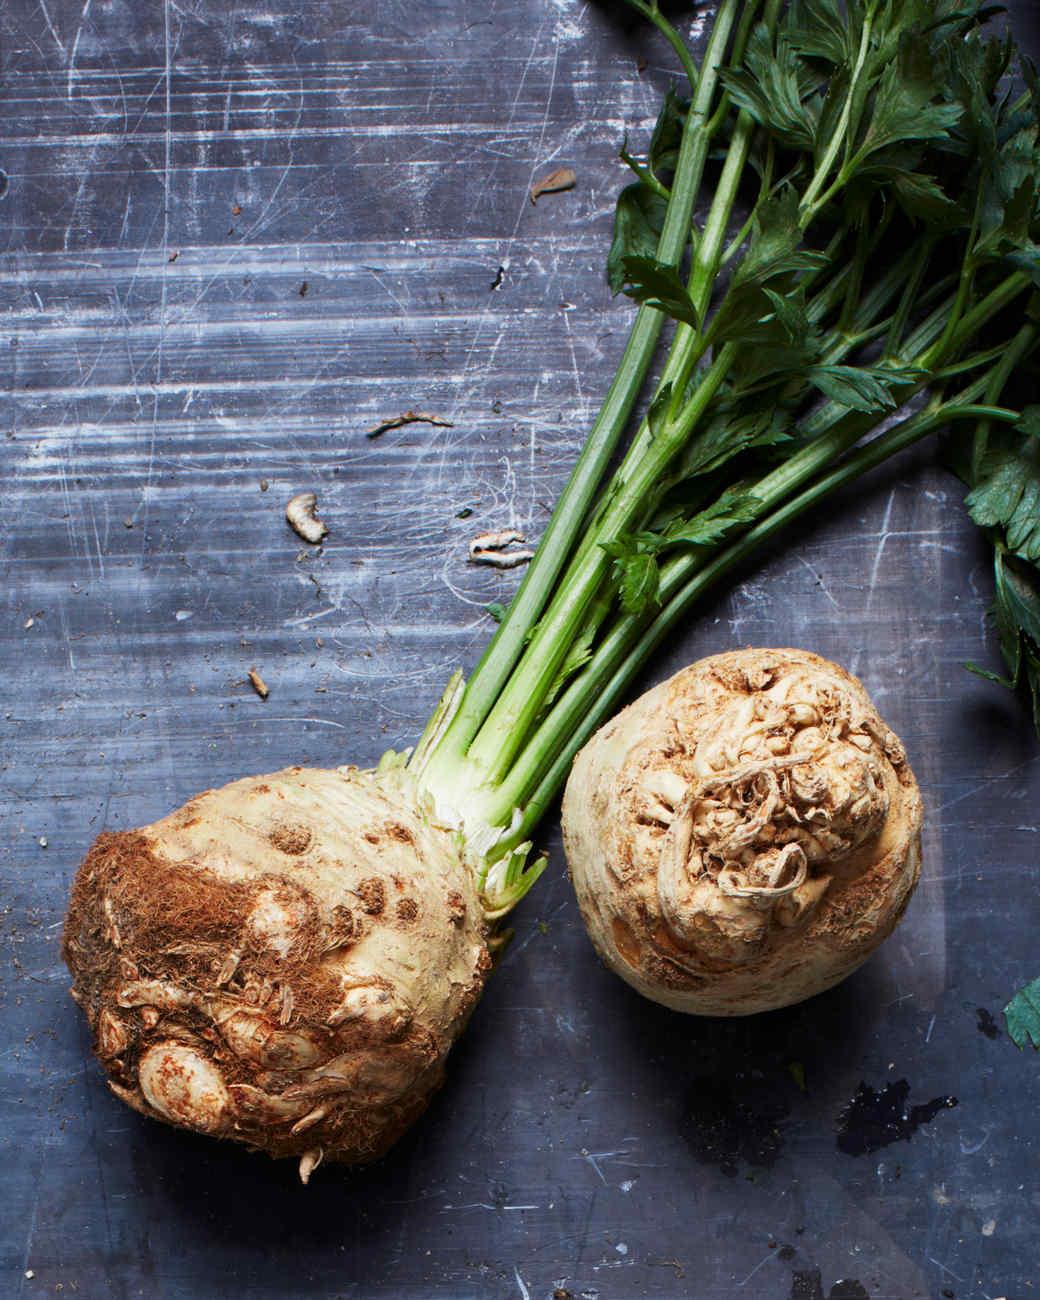 celery-root-roots-tubers-201-d110486.jpg